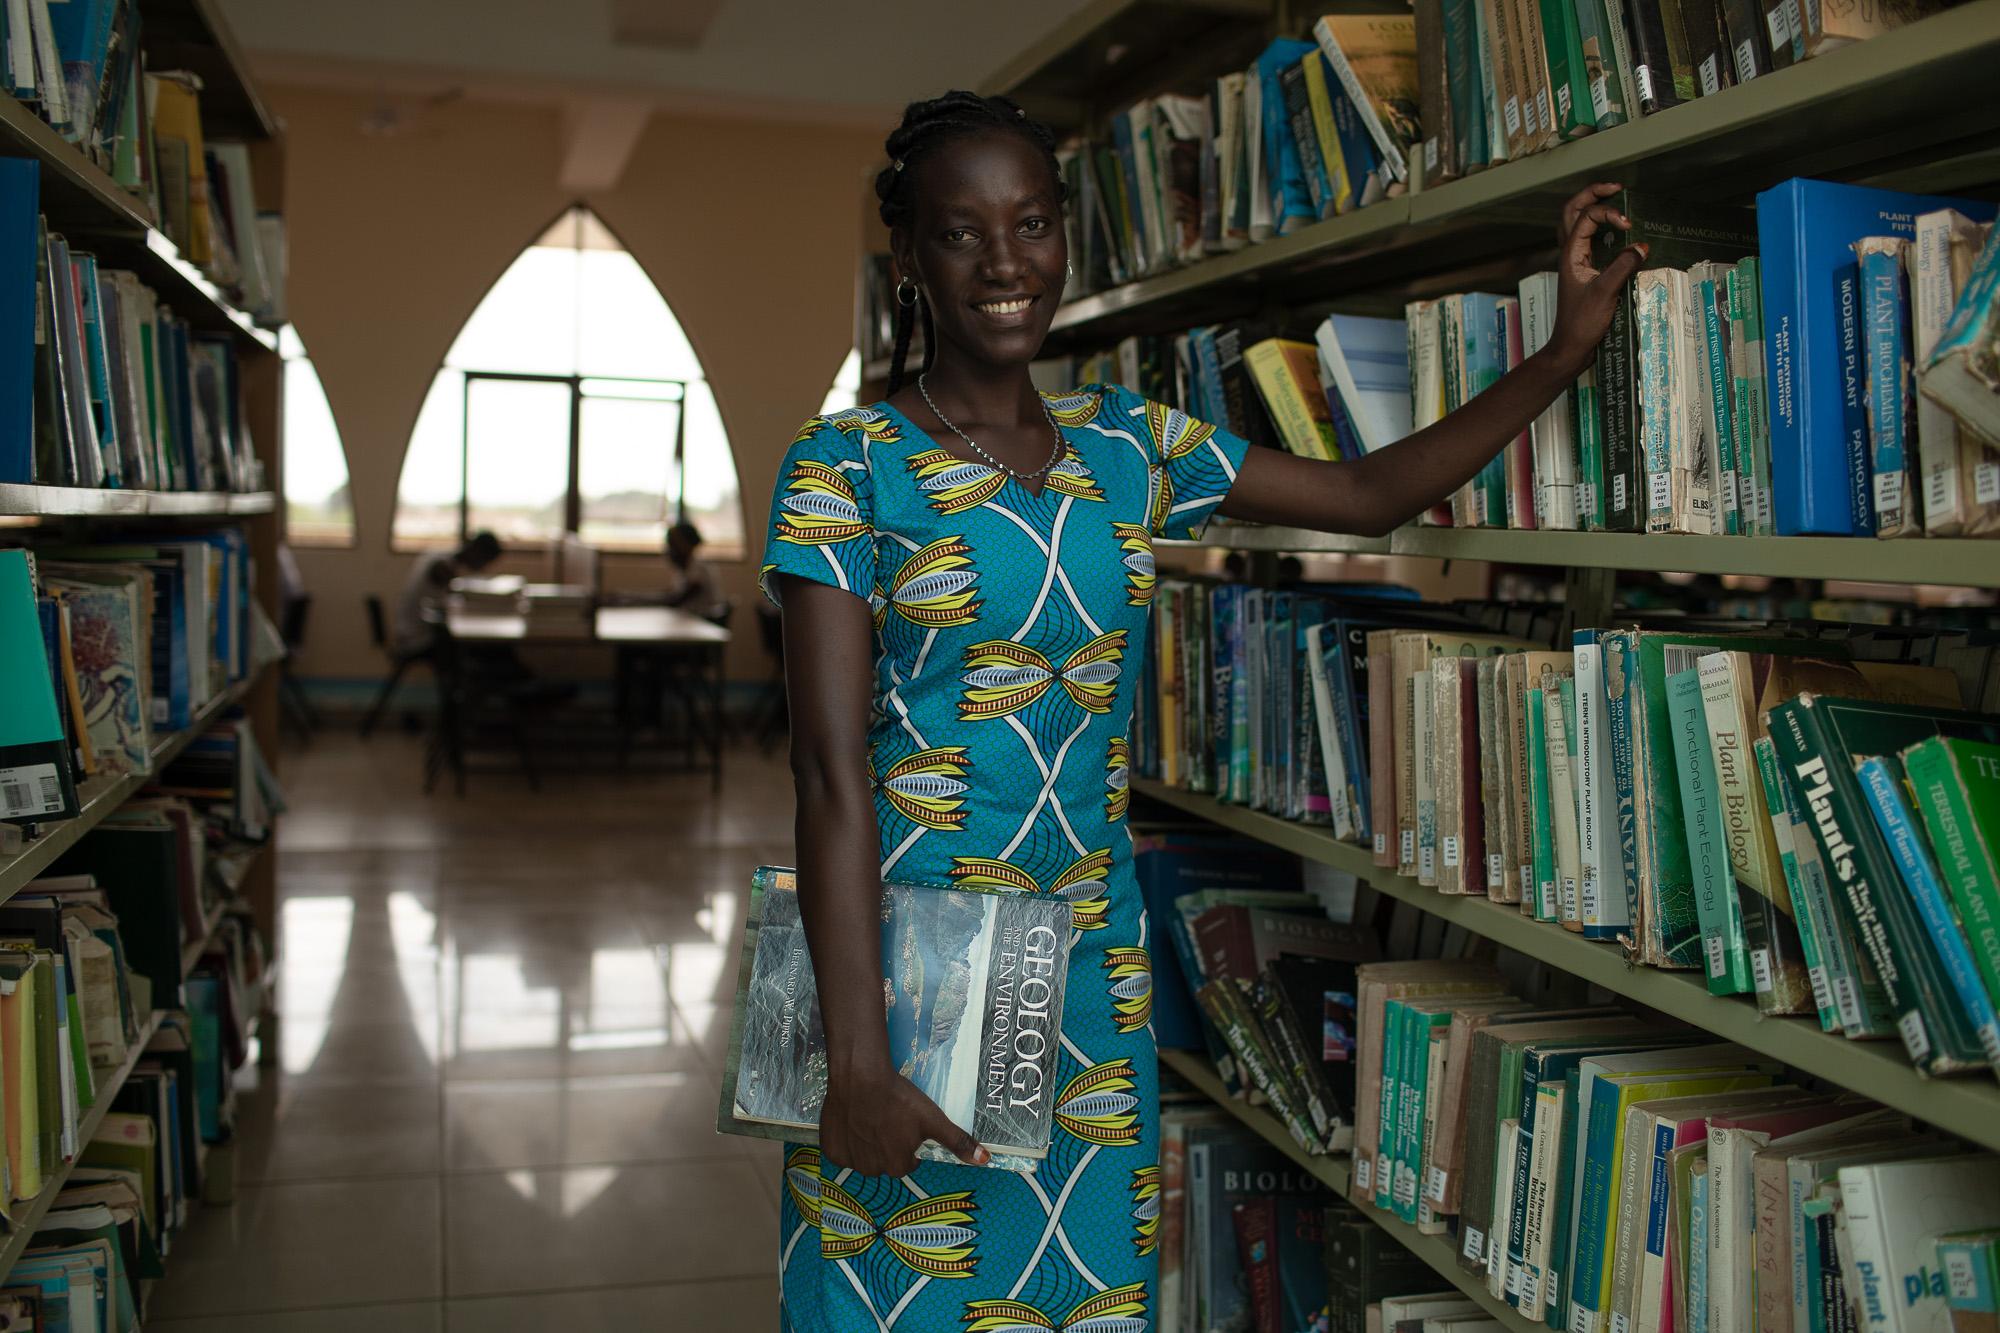 Mutiria Purity Gatwirri, 22, at the Pwani University library